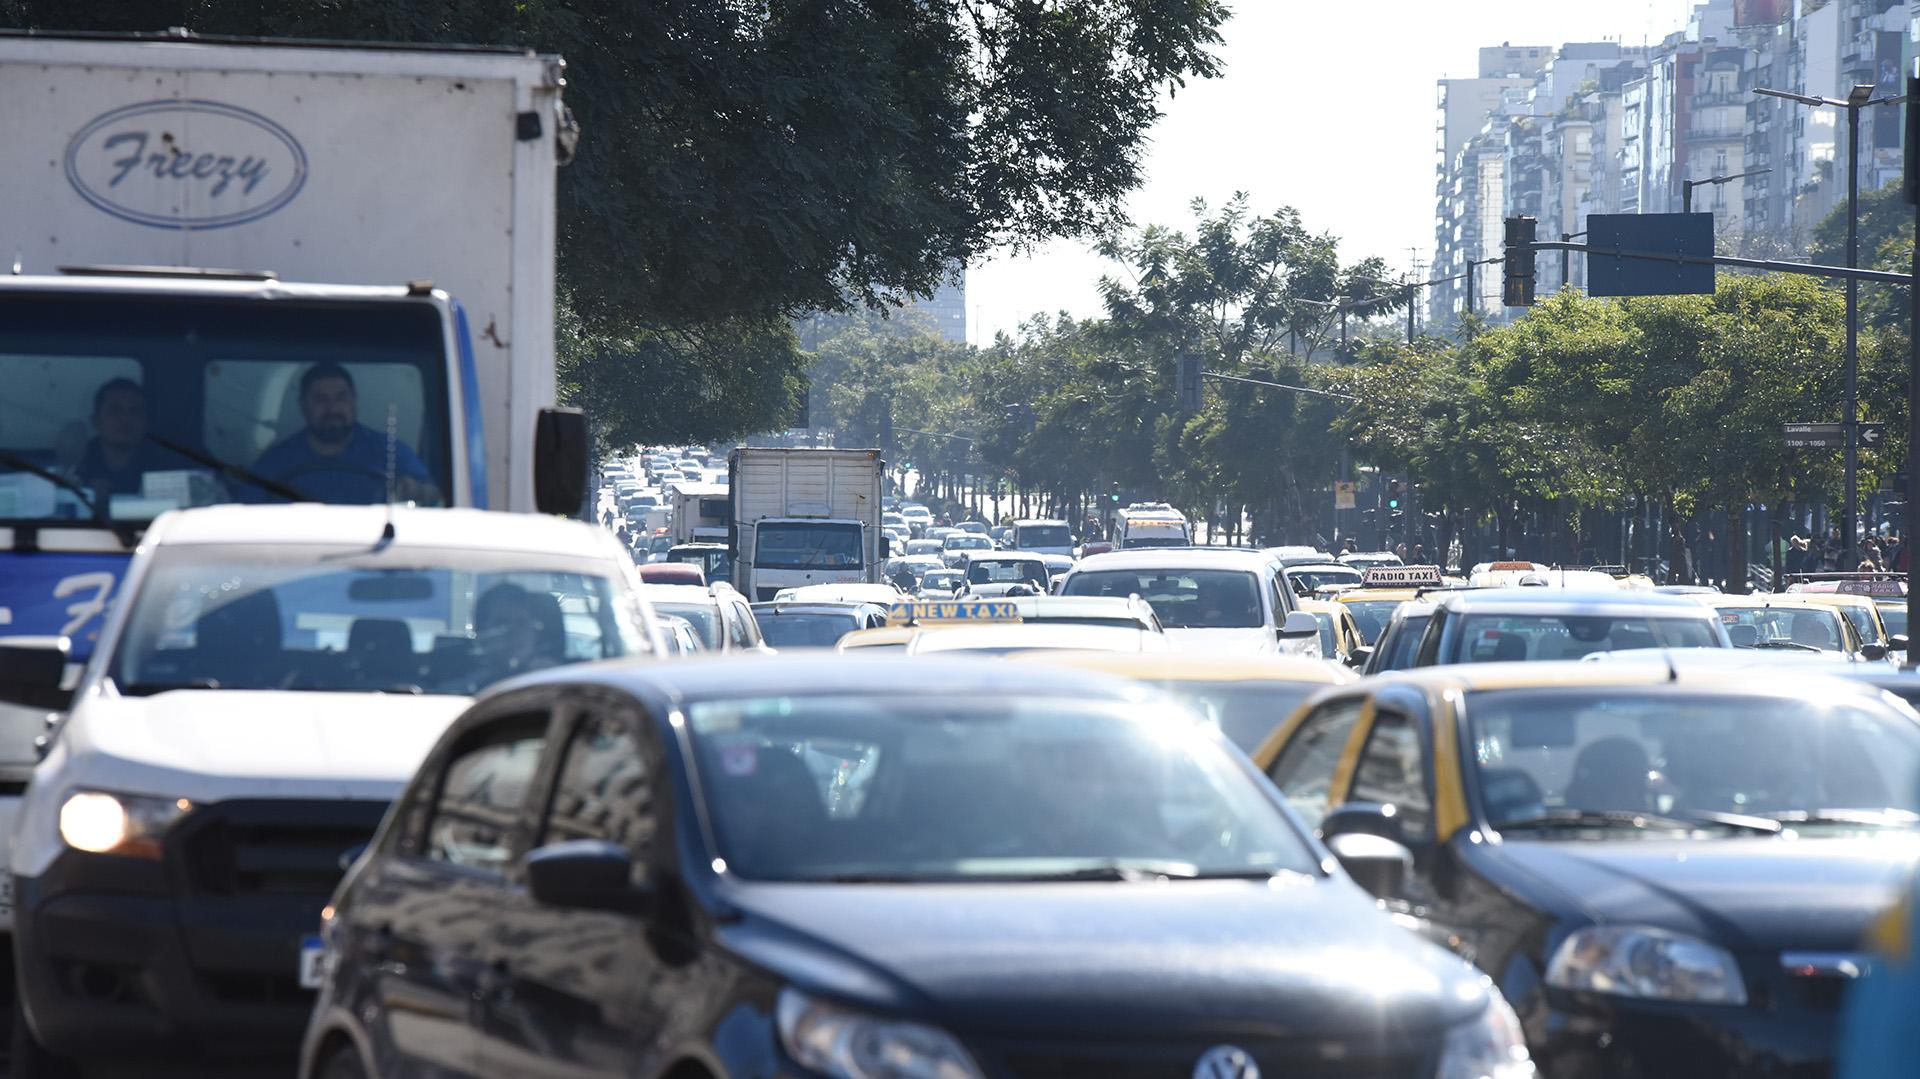 Los manifestantes provocan importantes demoras en el tránsito y crece el descontento de los miles de automovilistas que circulan por el centro porteño